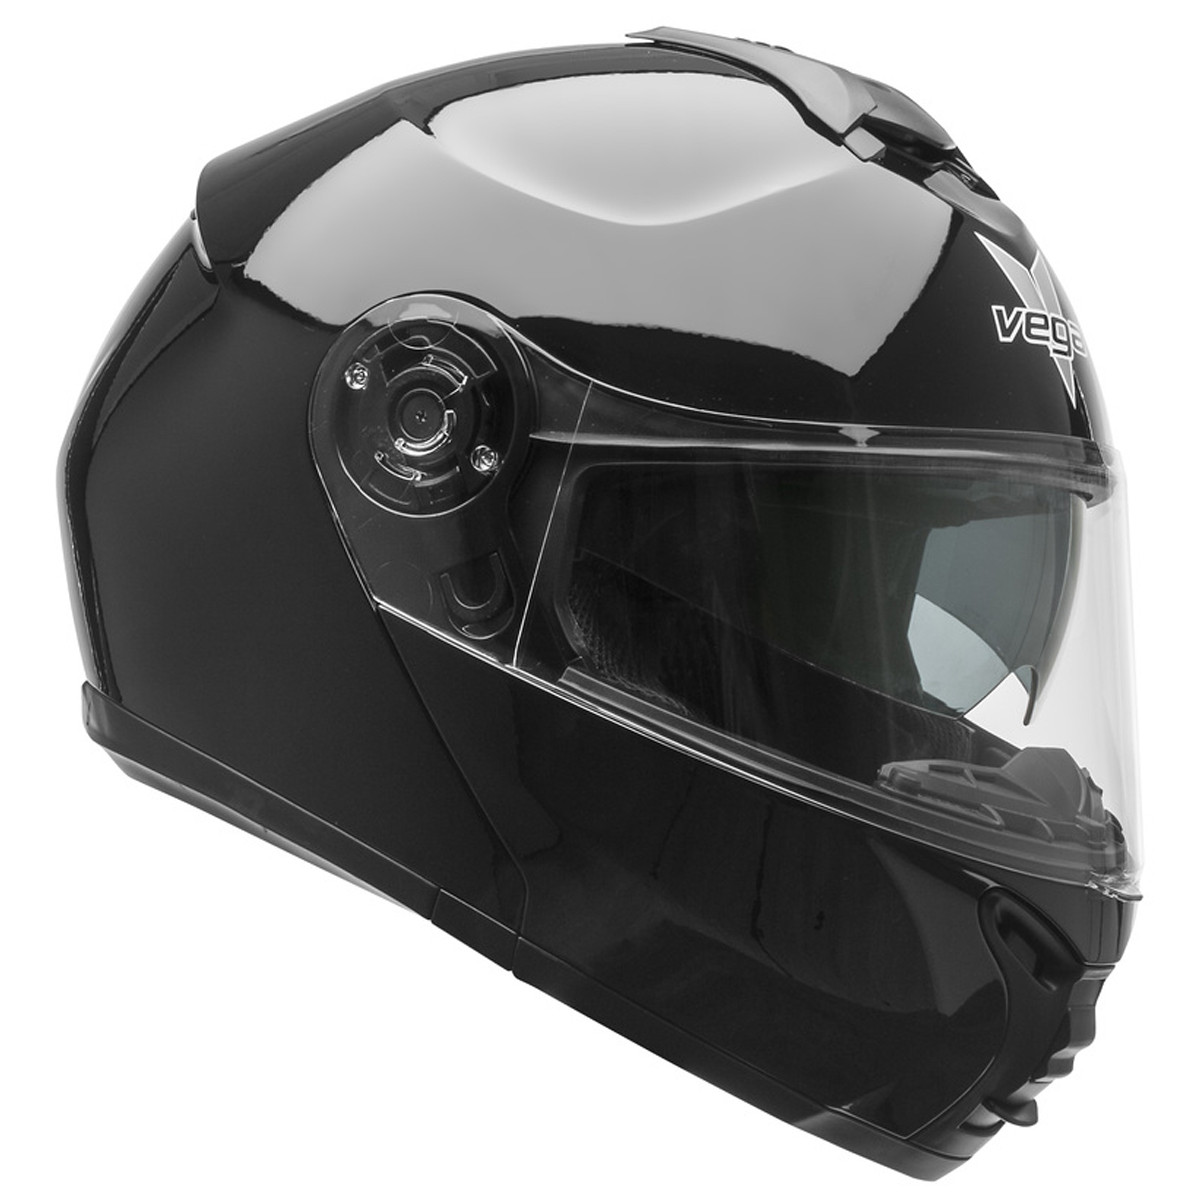 Vega RS1 Gloss Black Full Face Street Helmet Drop Down Sun Visor Shield